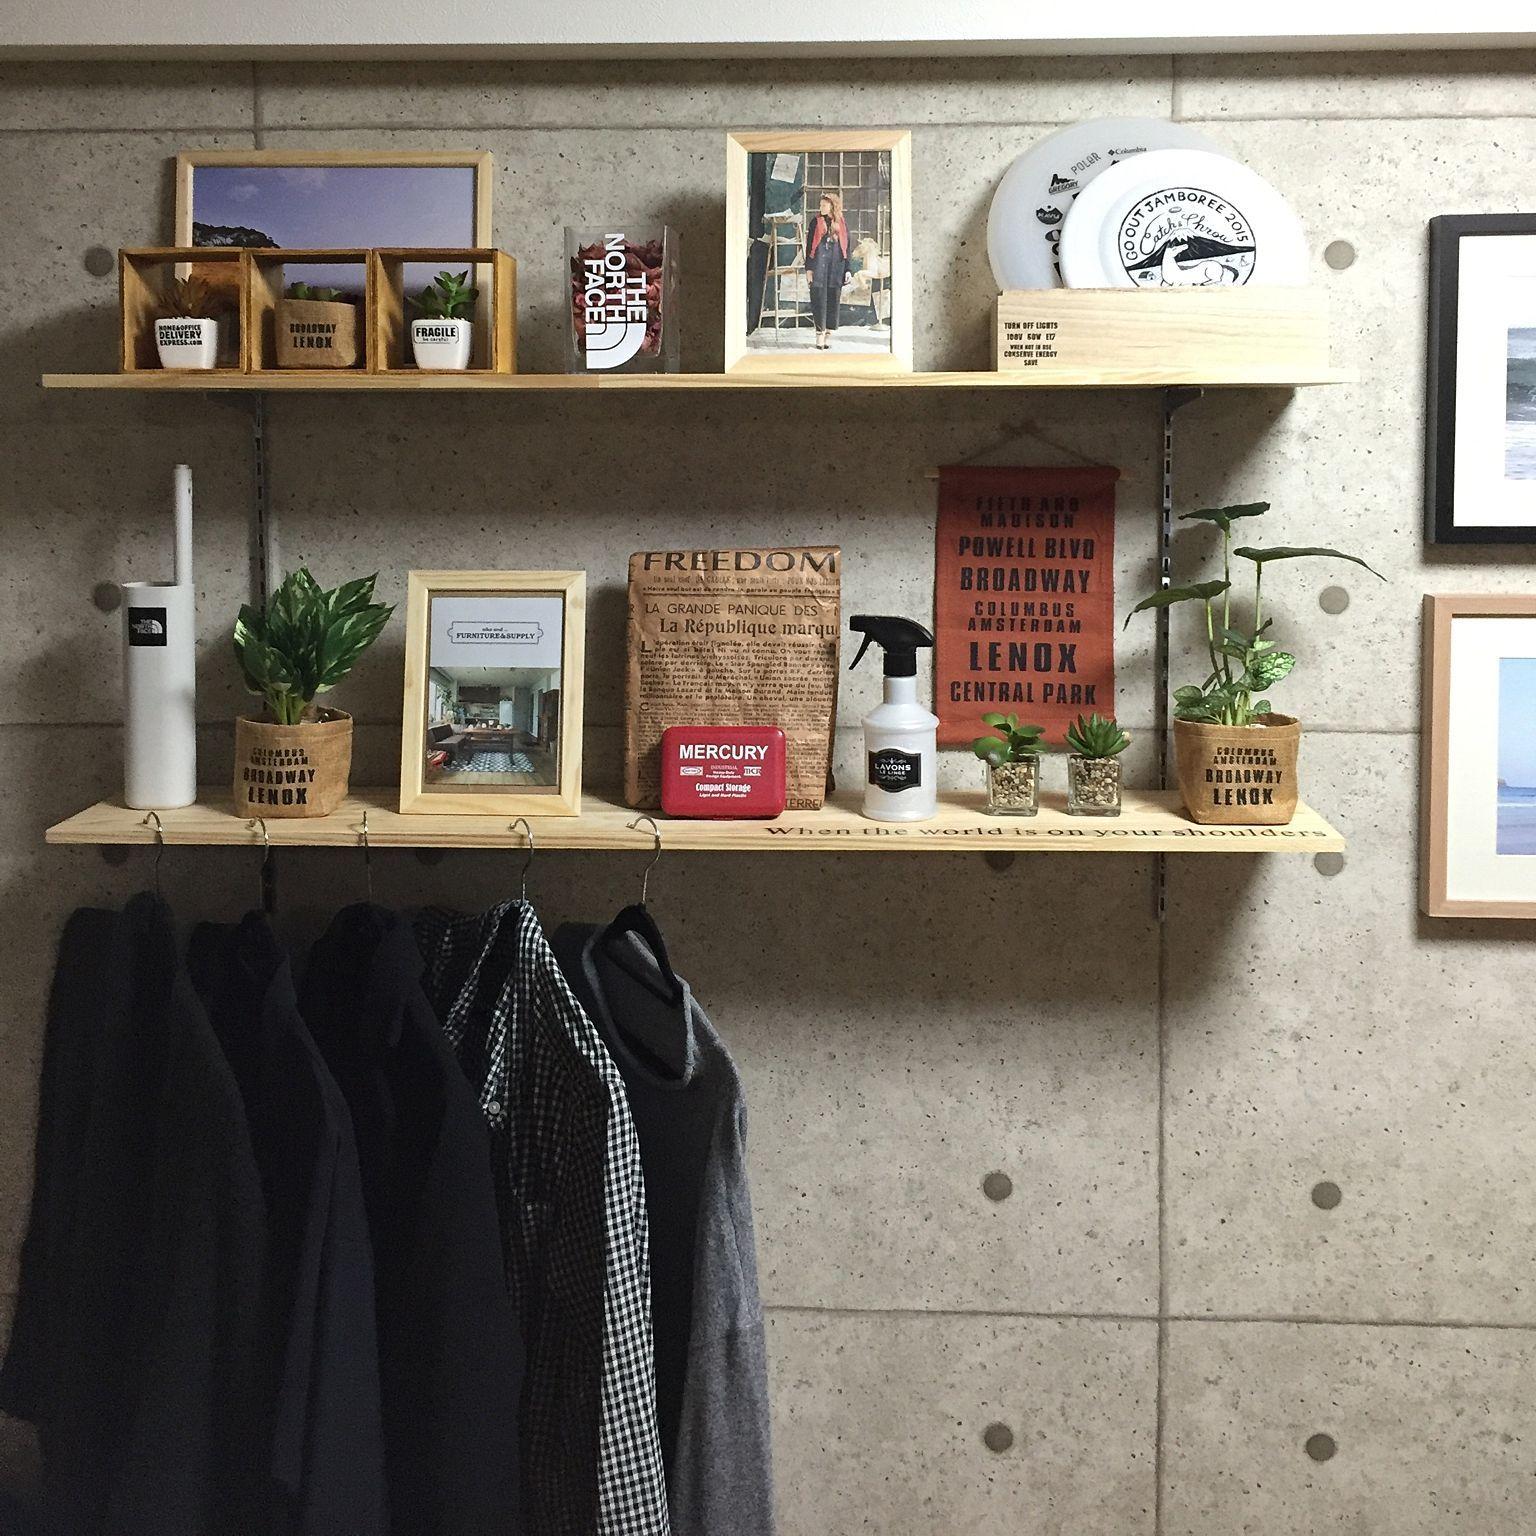 壁 天井 フェイクグリーン セリア Diy 壁紙屋本舗 などのインテリア